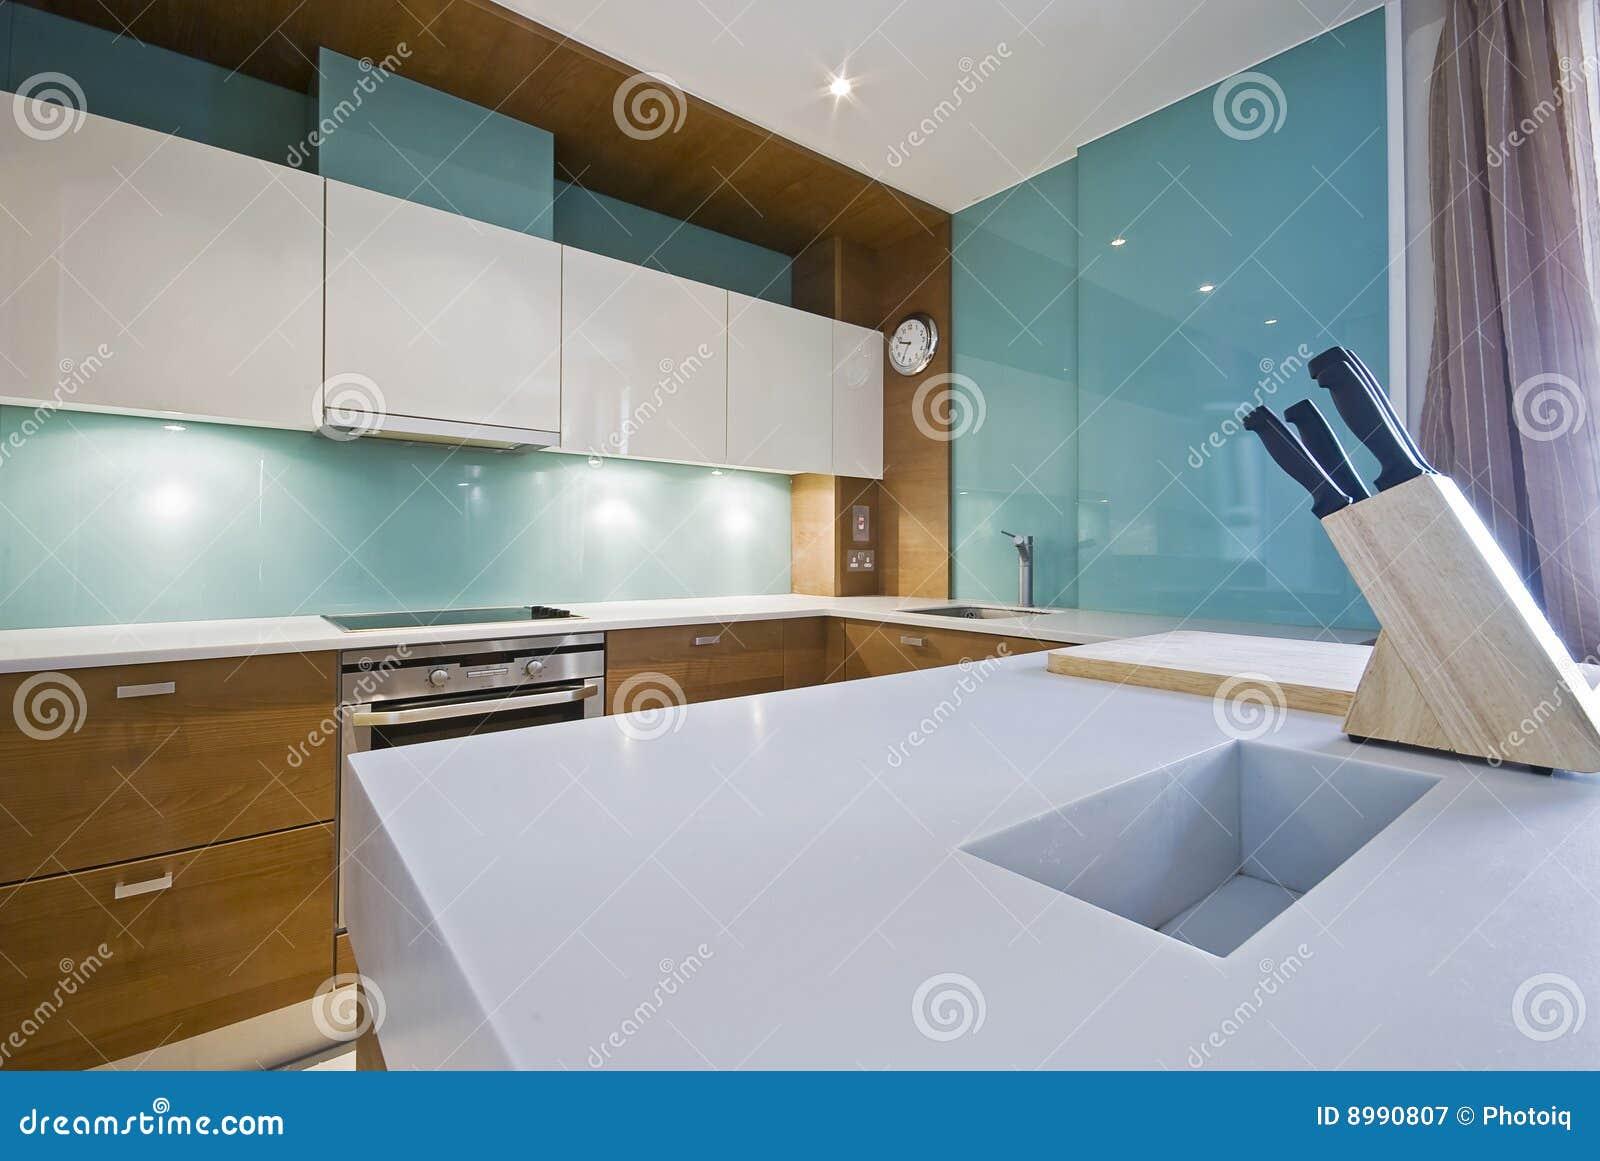 厨房现代空白worktop